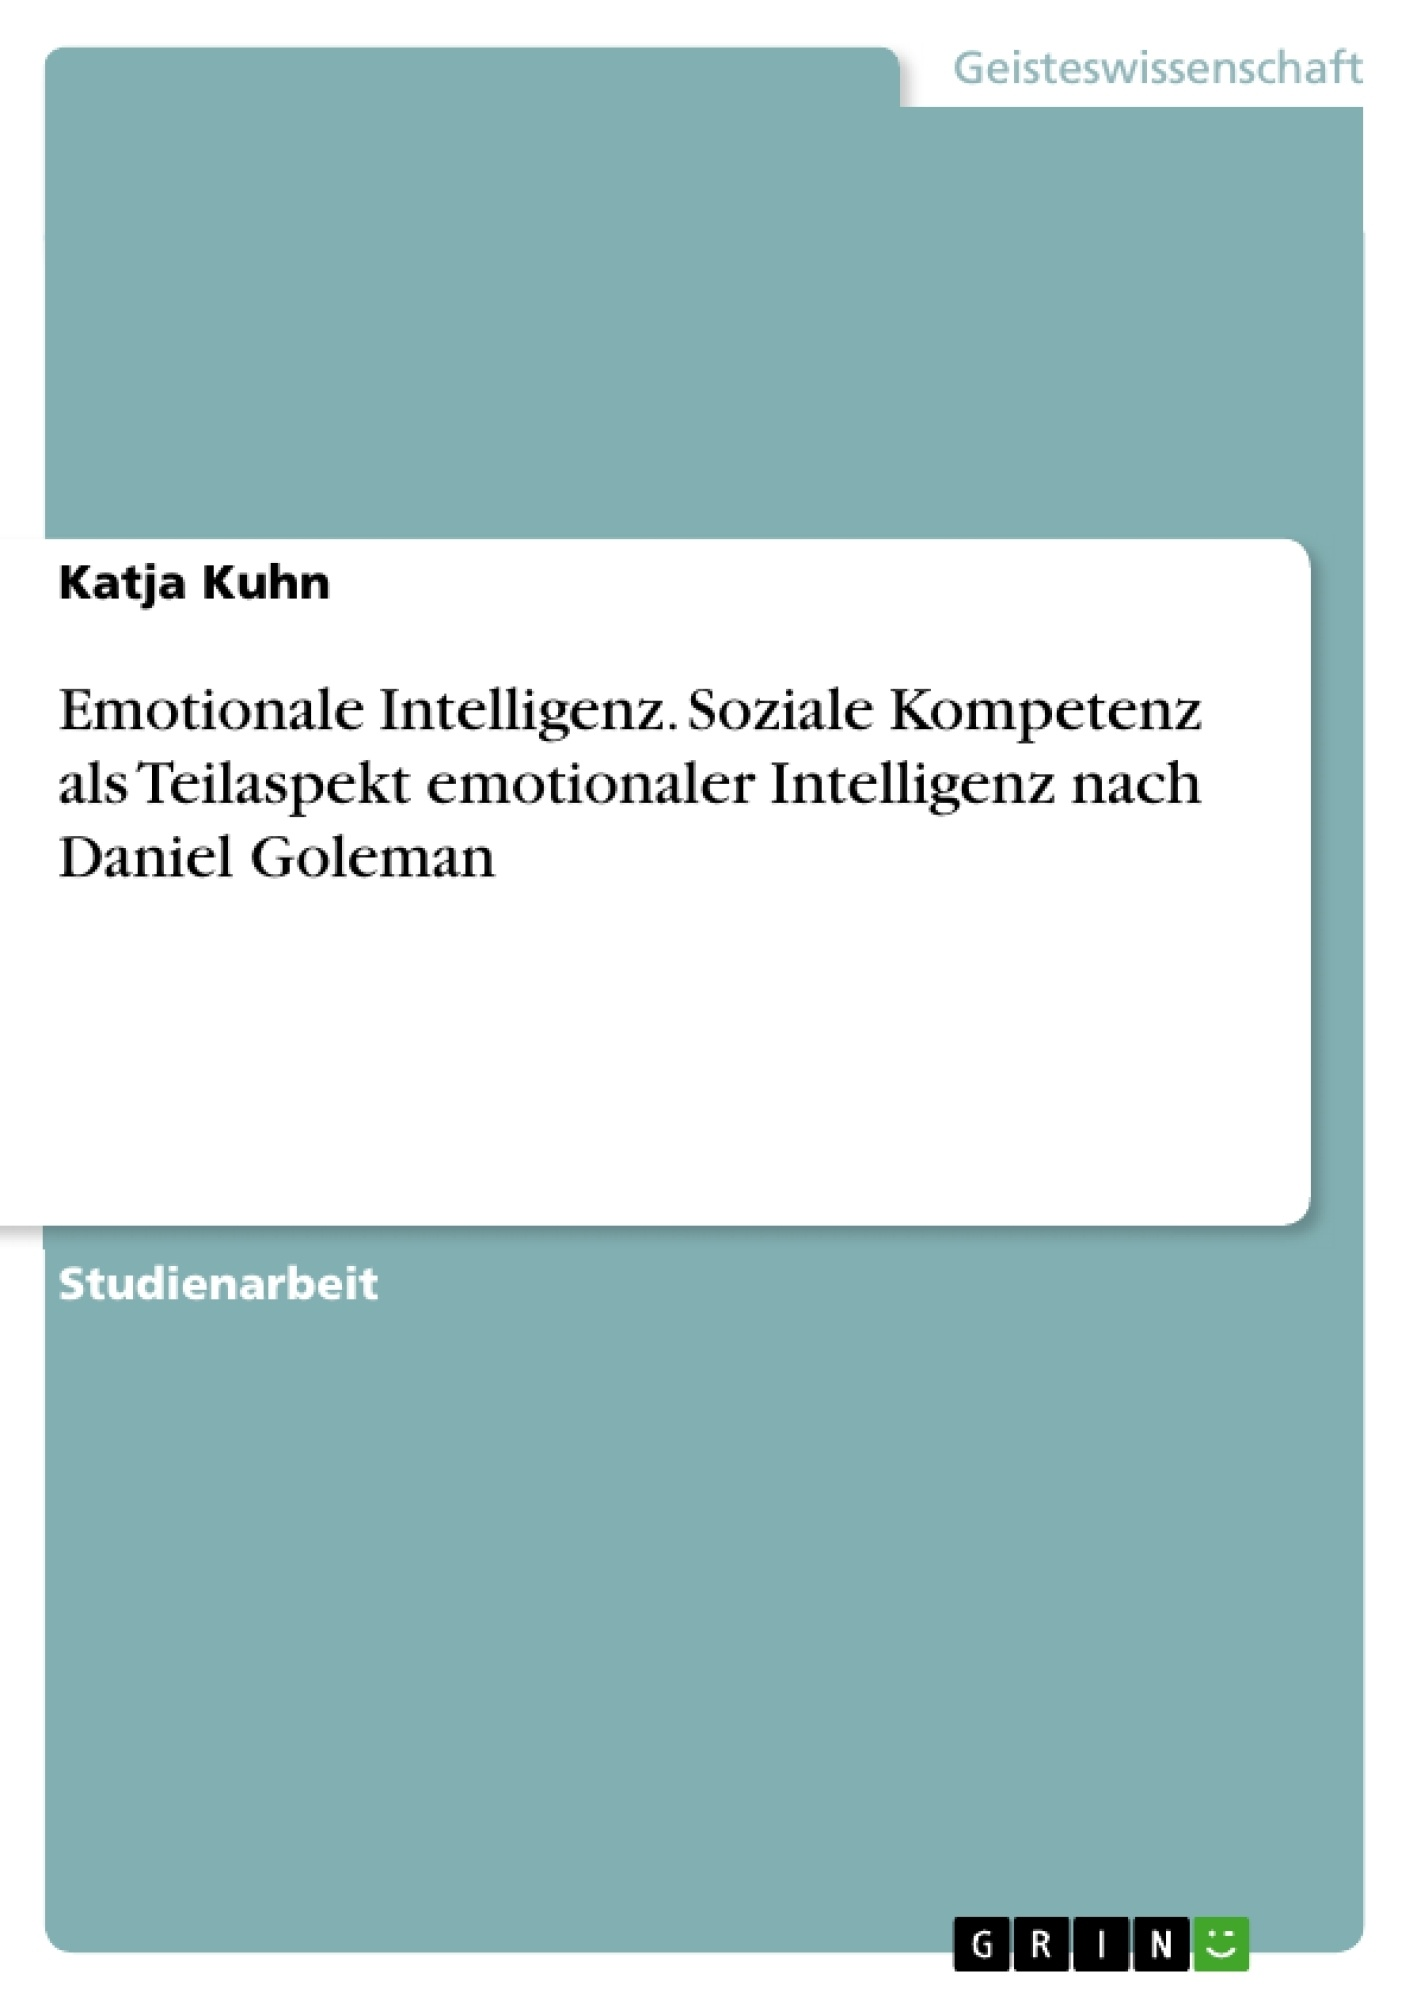 Titel: Emotionale Intelligenz. Soziale Kompetenz als Teilaspekt emotionaler Intelligenz nach Daniel Goleman